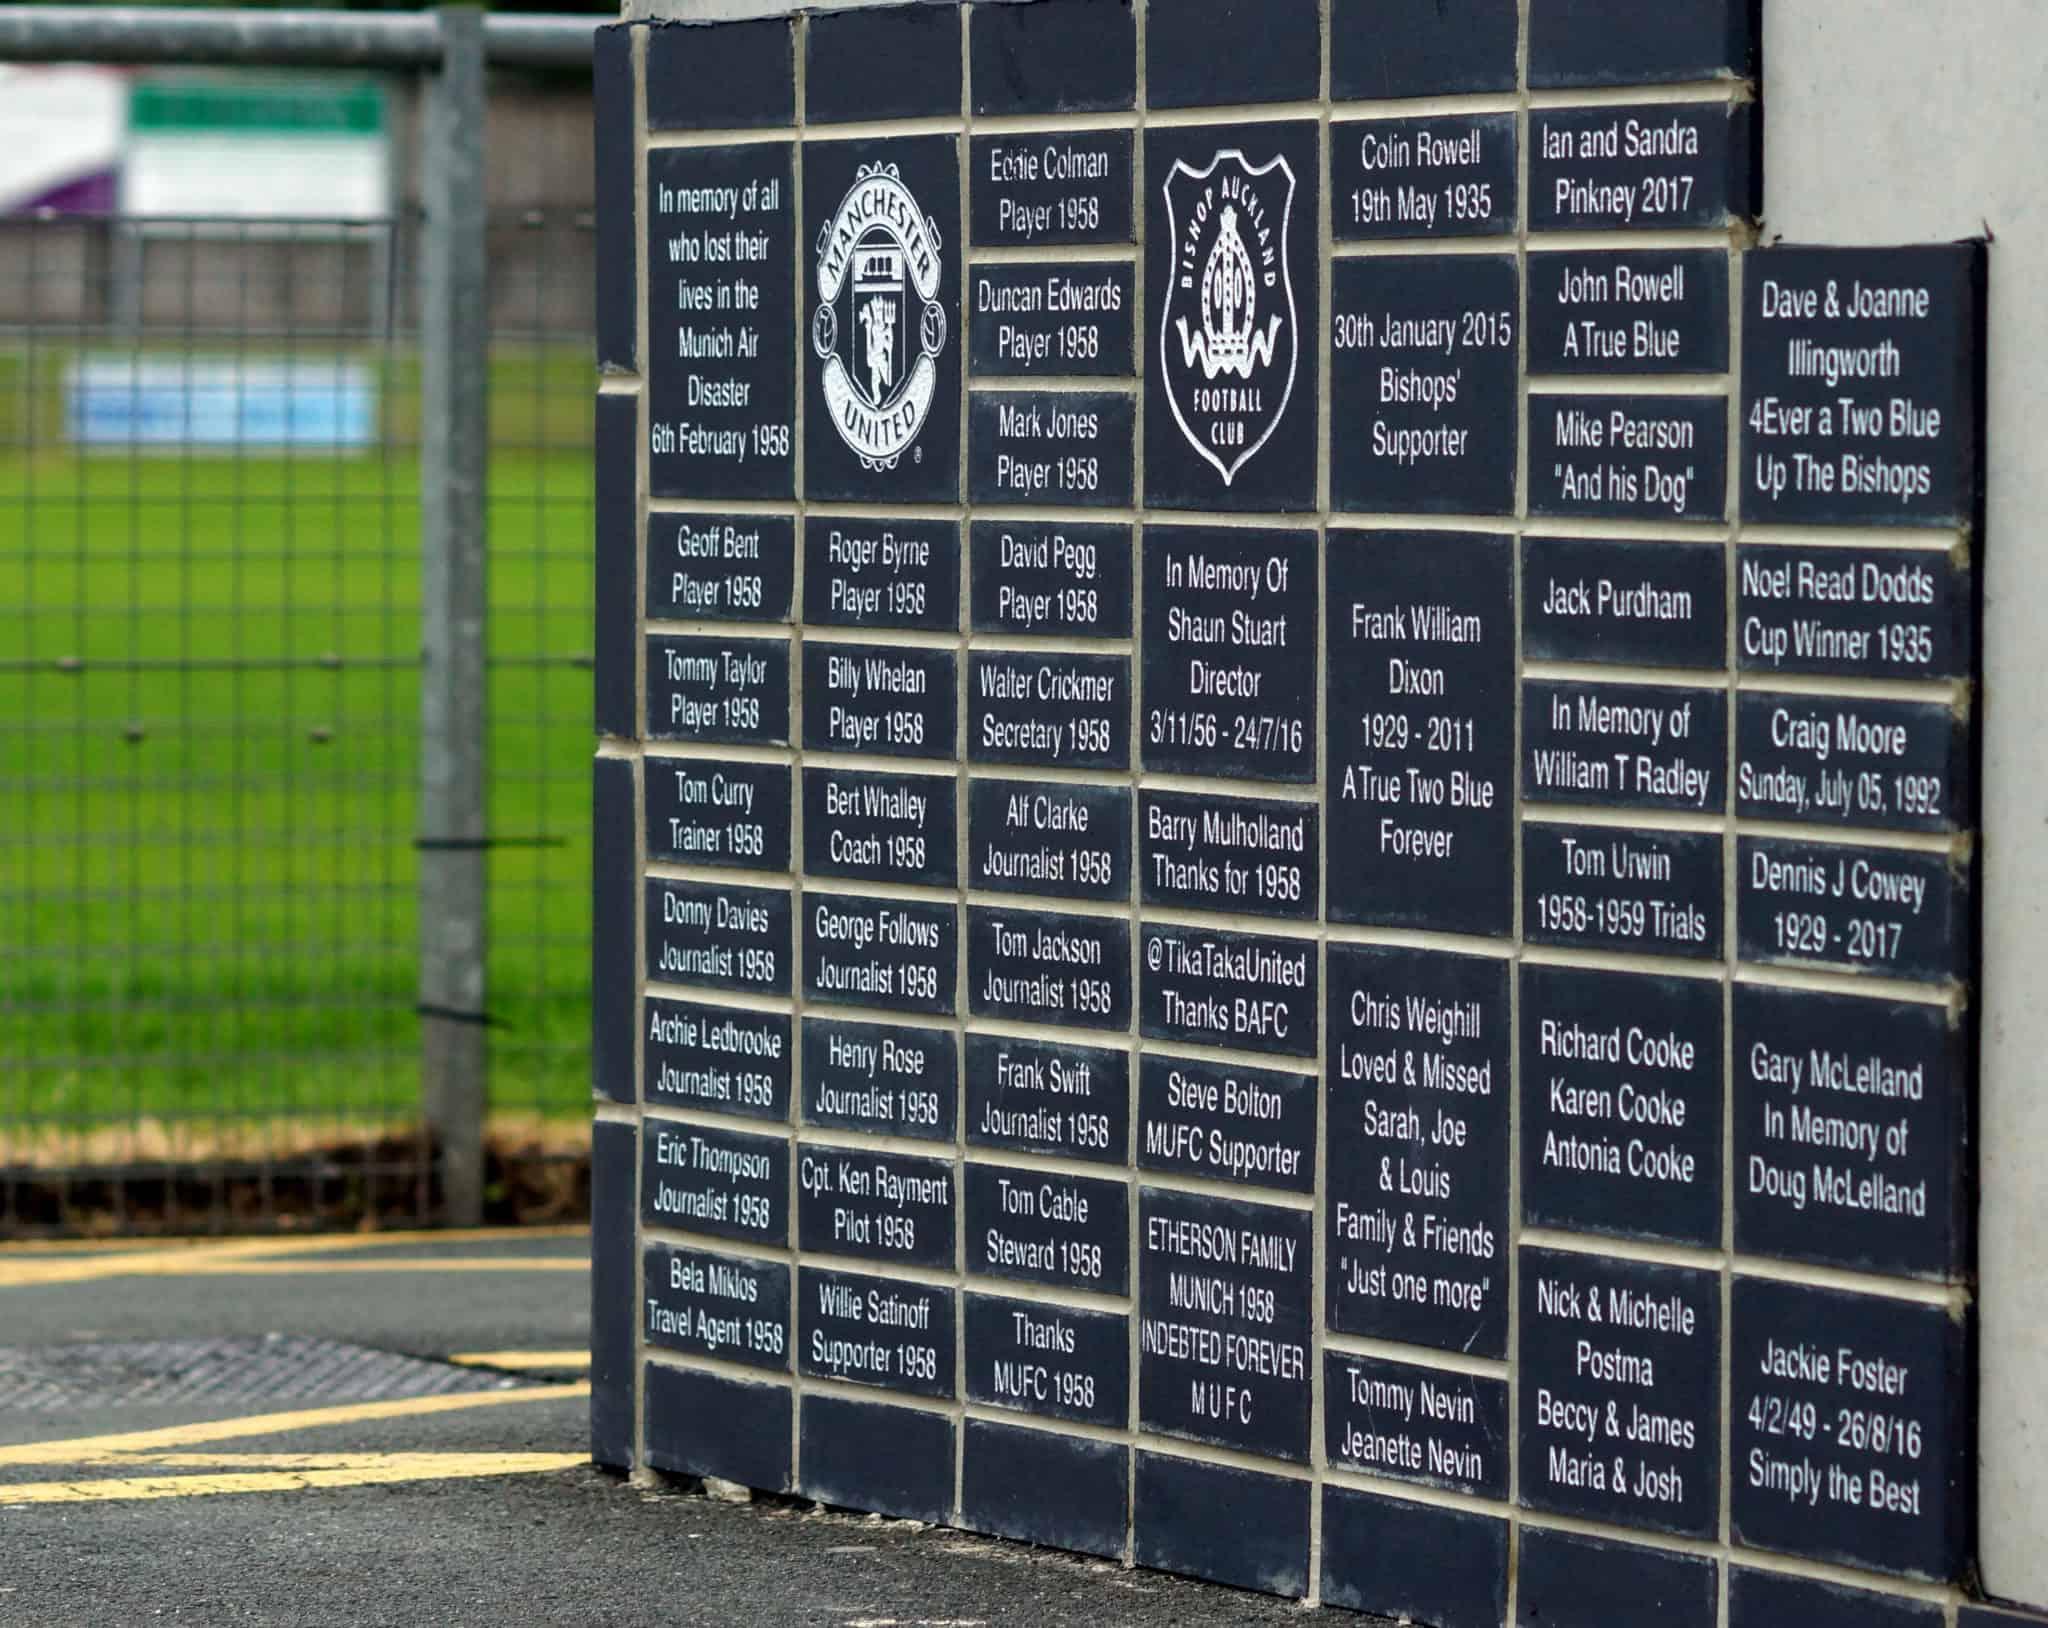 Middlesbrough U23 V Manchester United U23 At Heritage Park